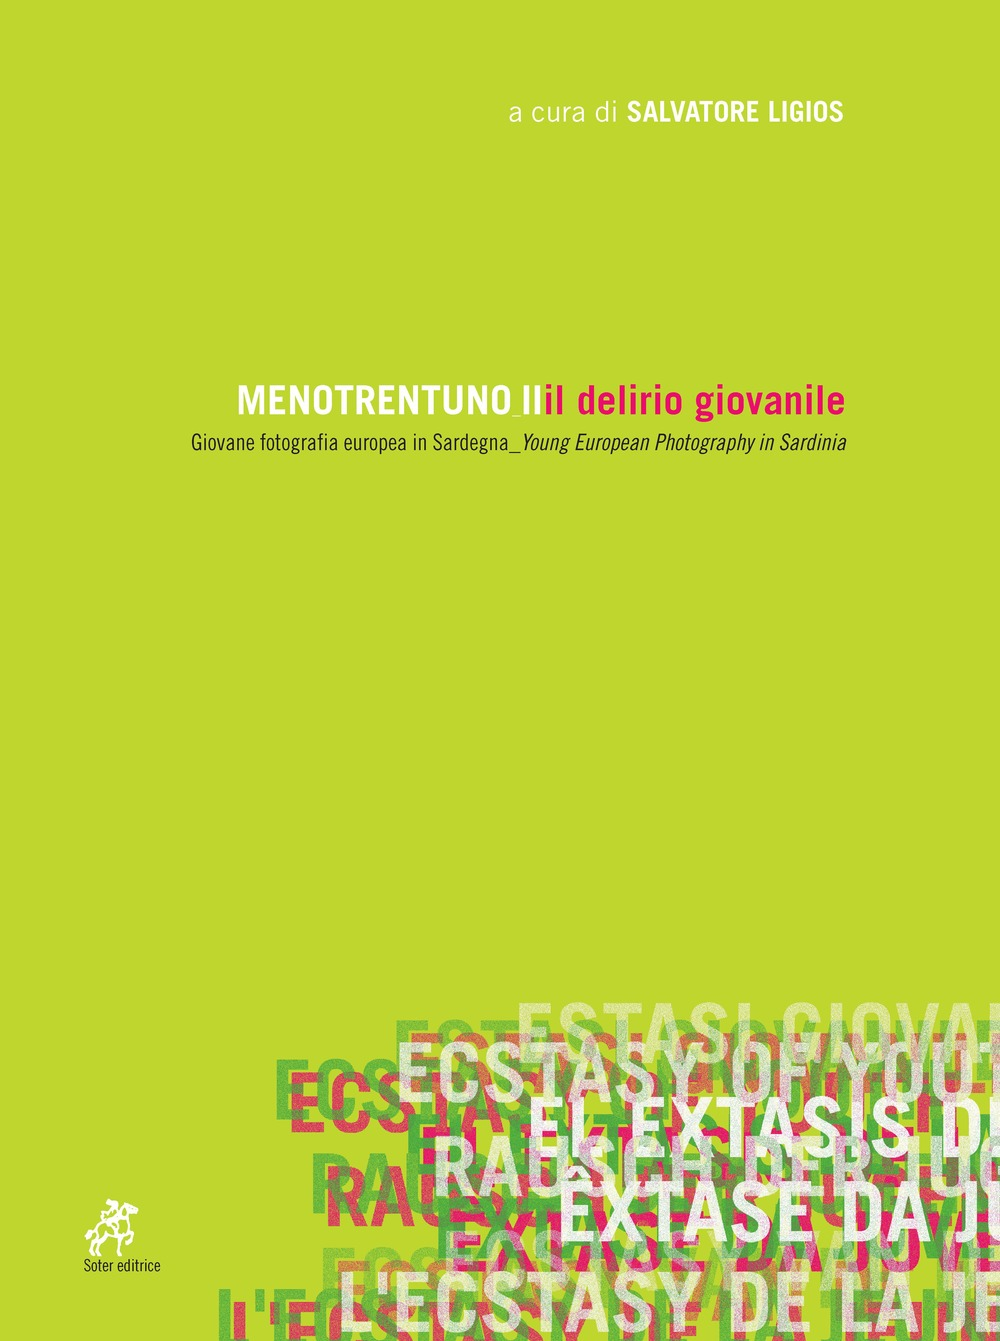 Catalogo_menotrentuno_2_Page_001.jpg